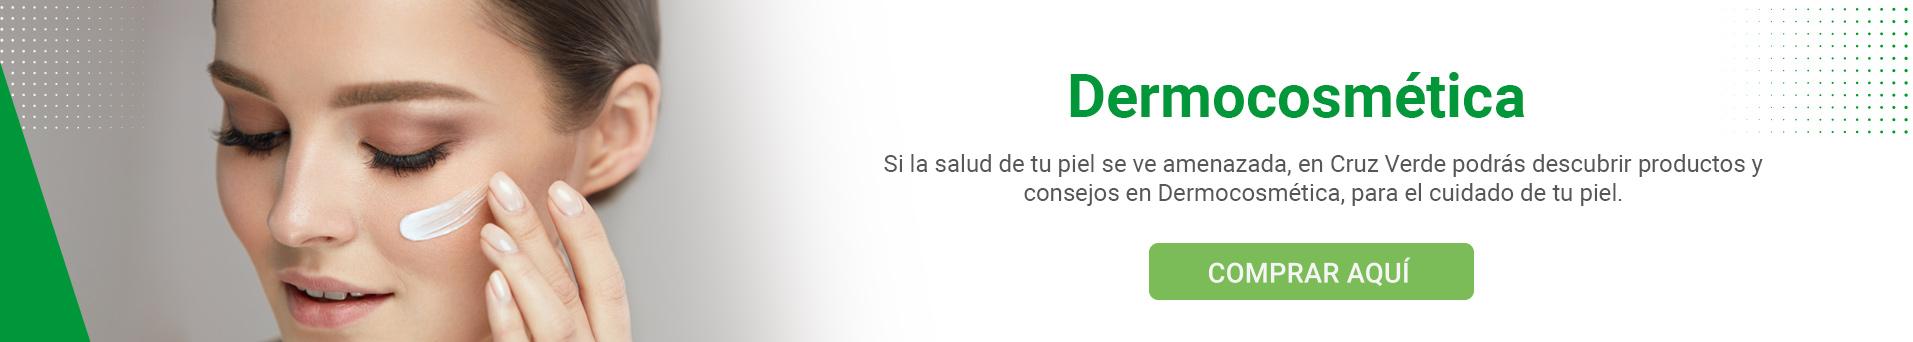 Dermocosmética en Cruz Verde